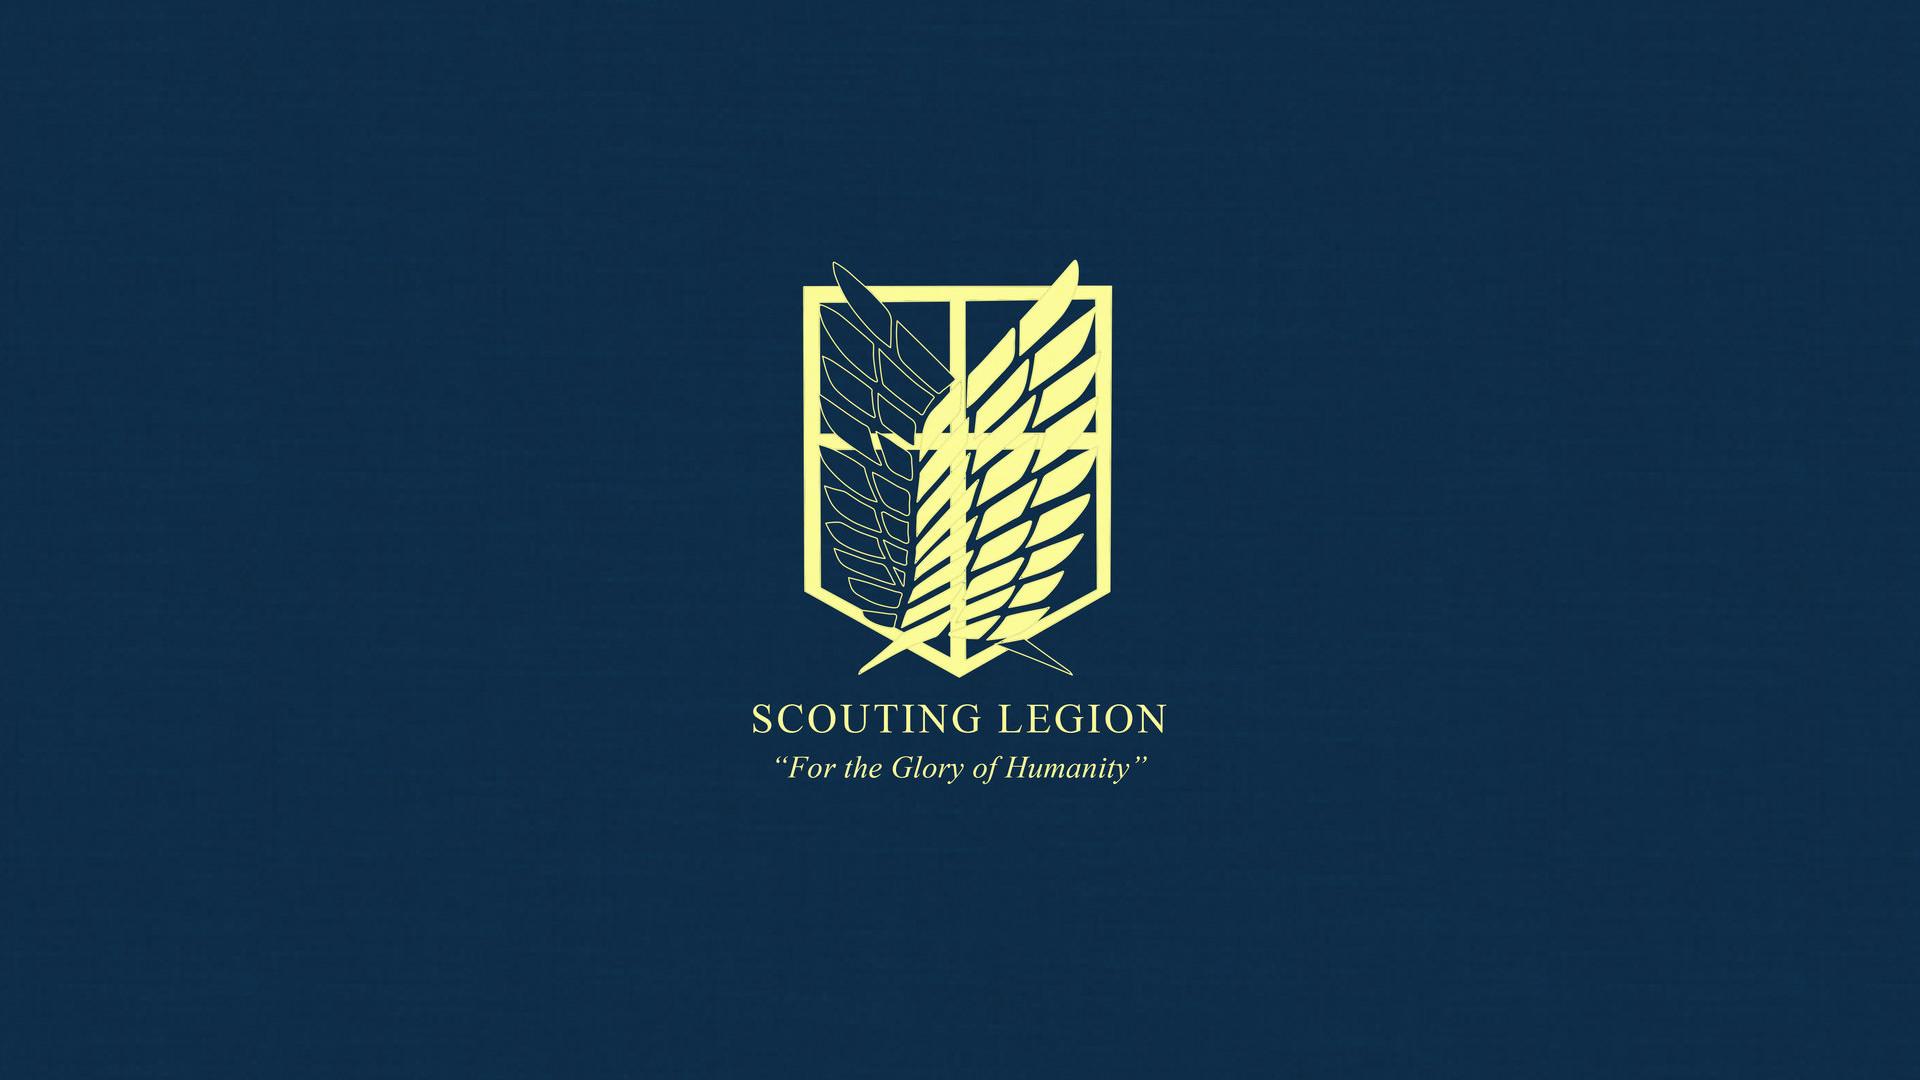 on titan scouting legion wallpaper by imxset21 fan art wallpaper .